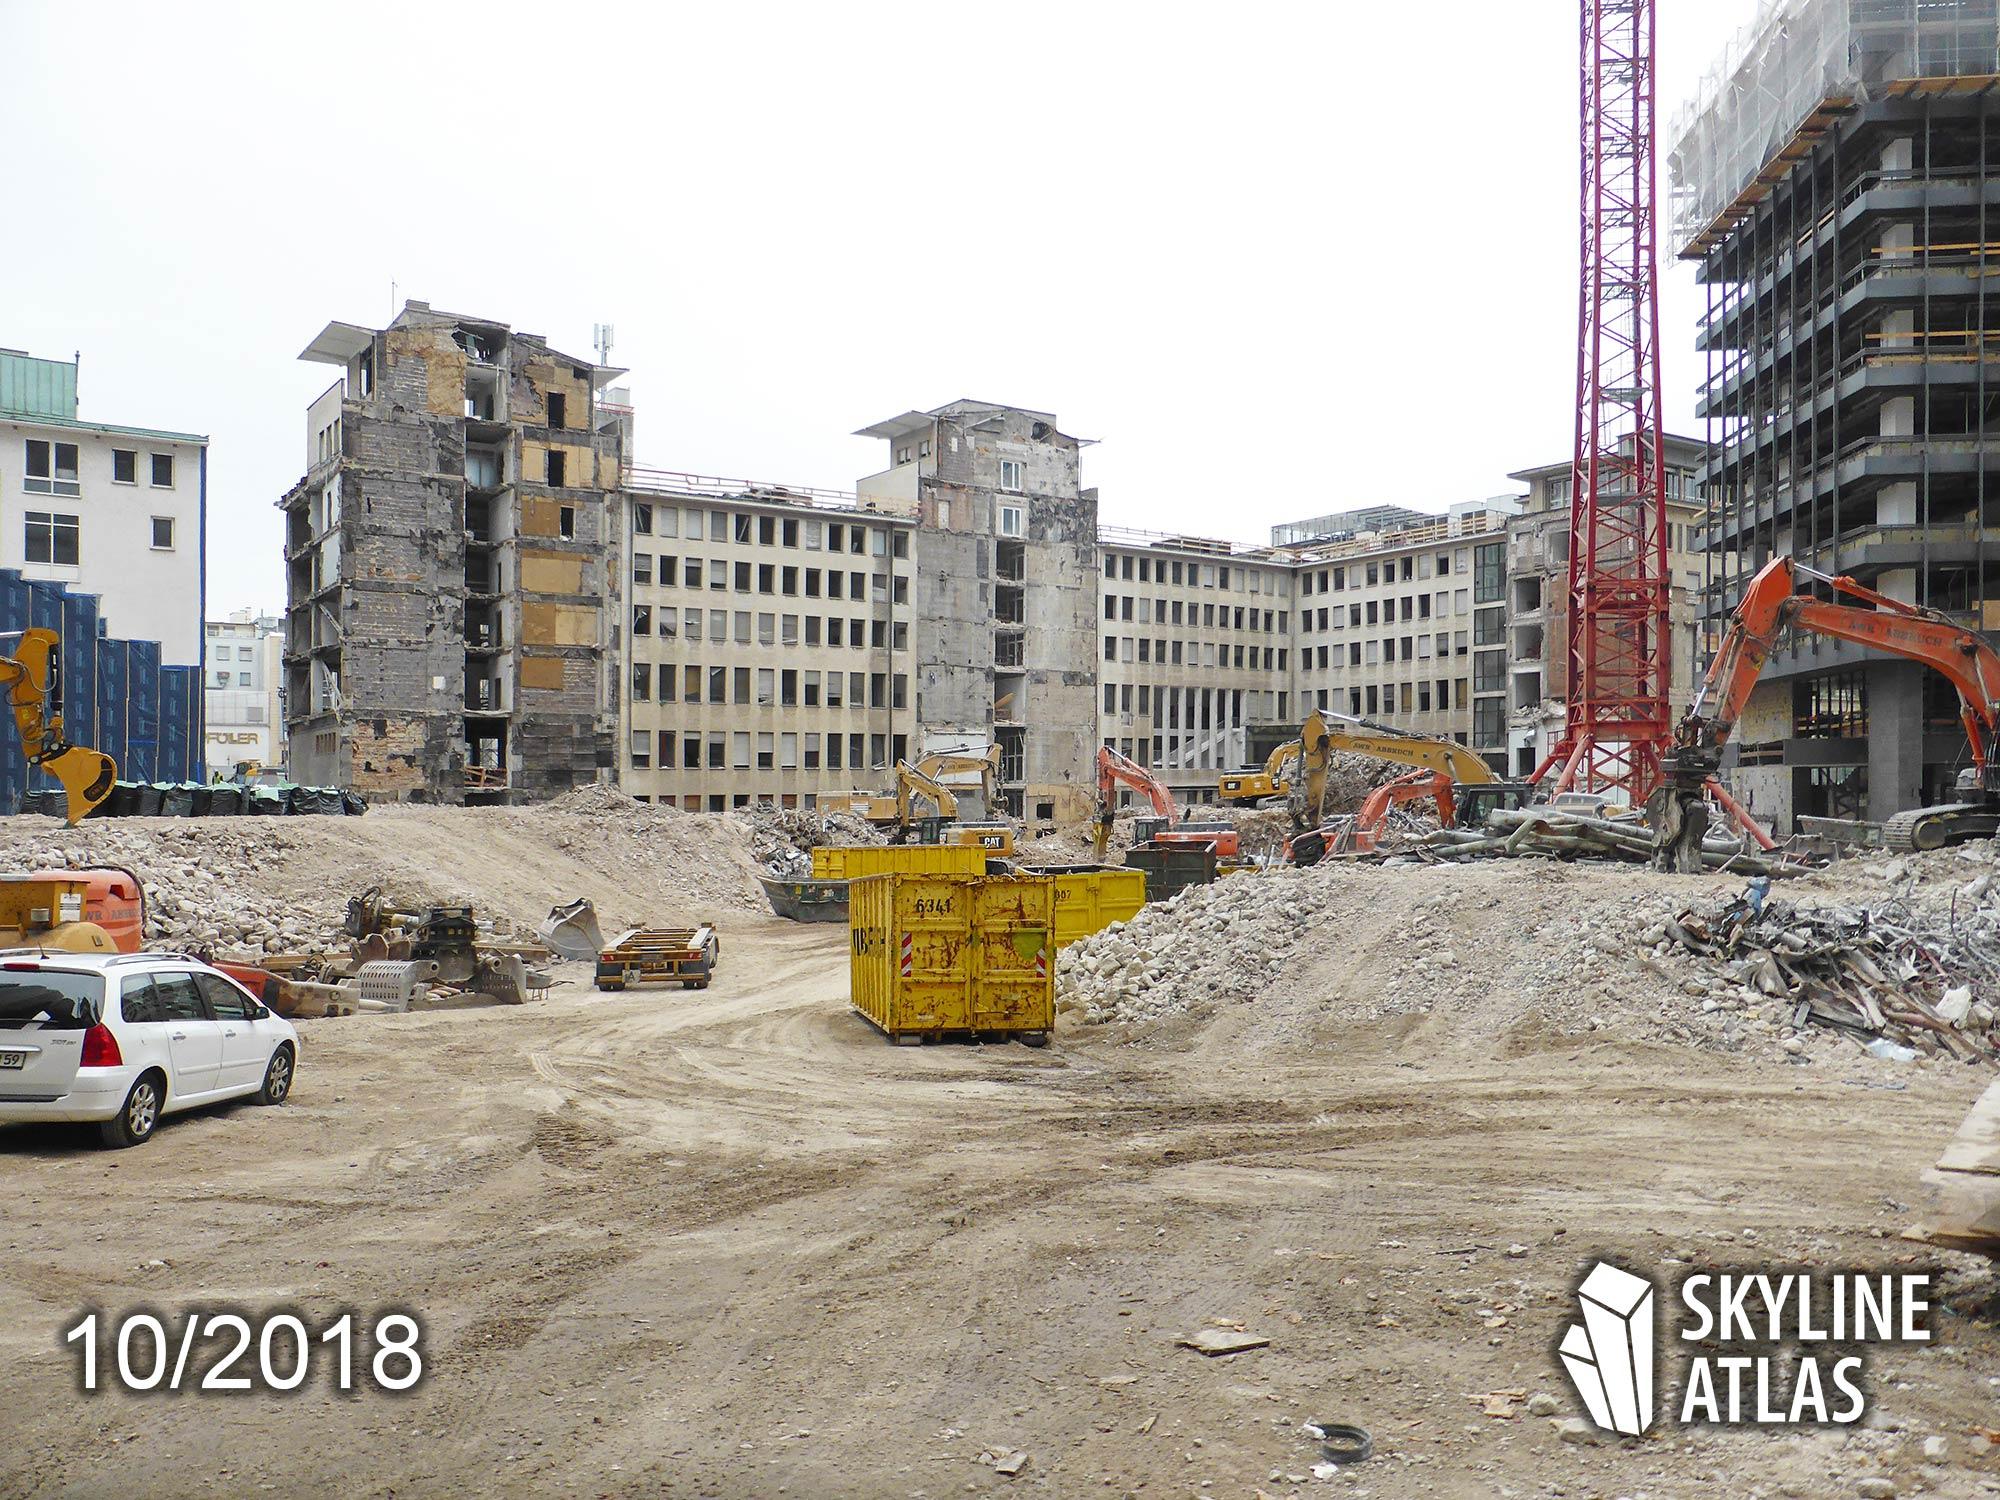 Ehemaliges Areal der Deutschen Bank in Frankfurt - hier wird FOUR Frankfurt gebaut - Oktober 2018